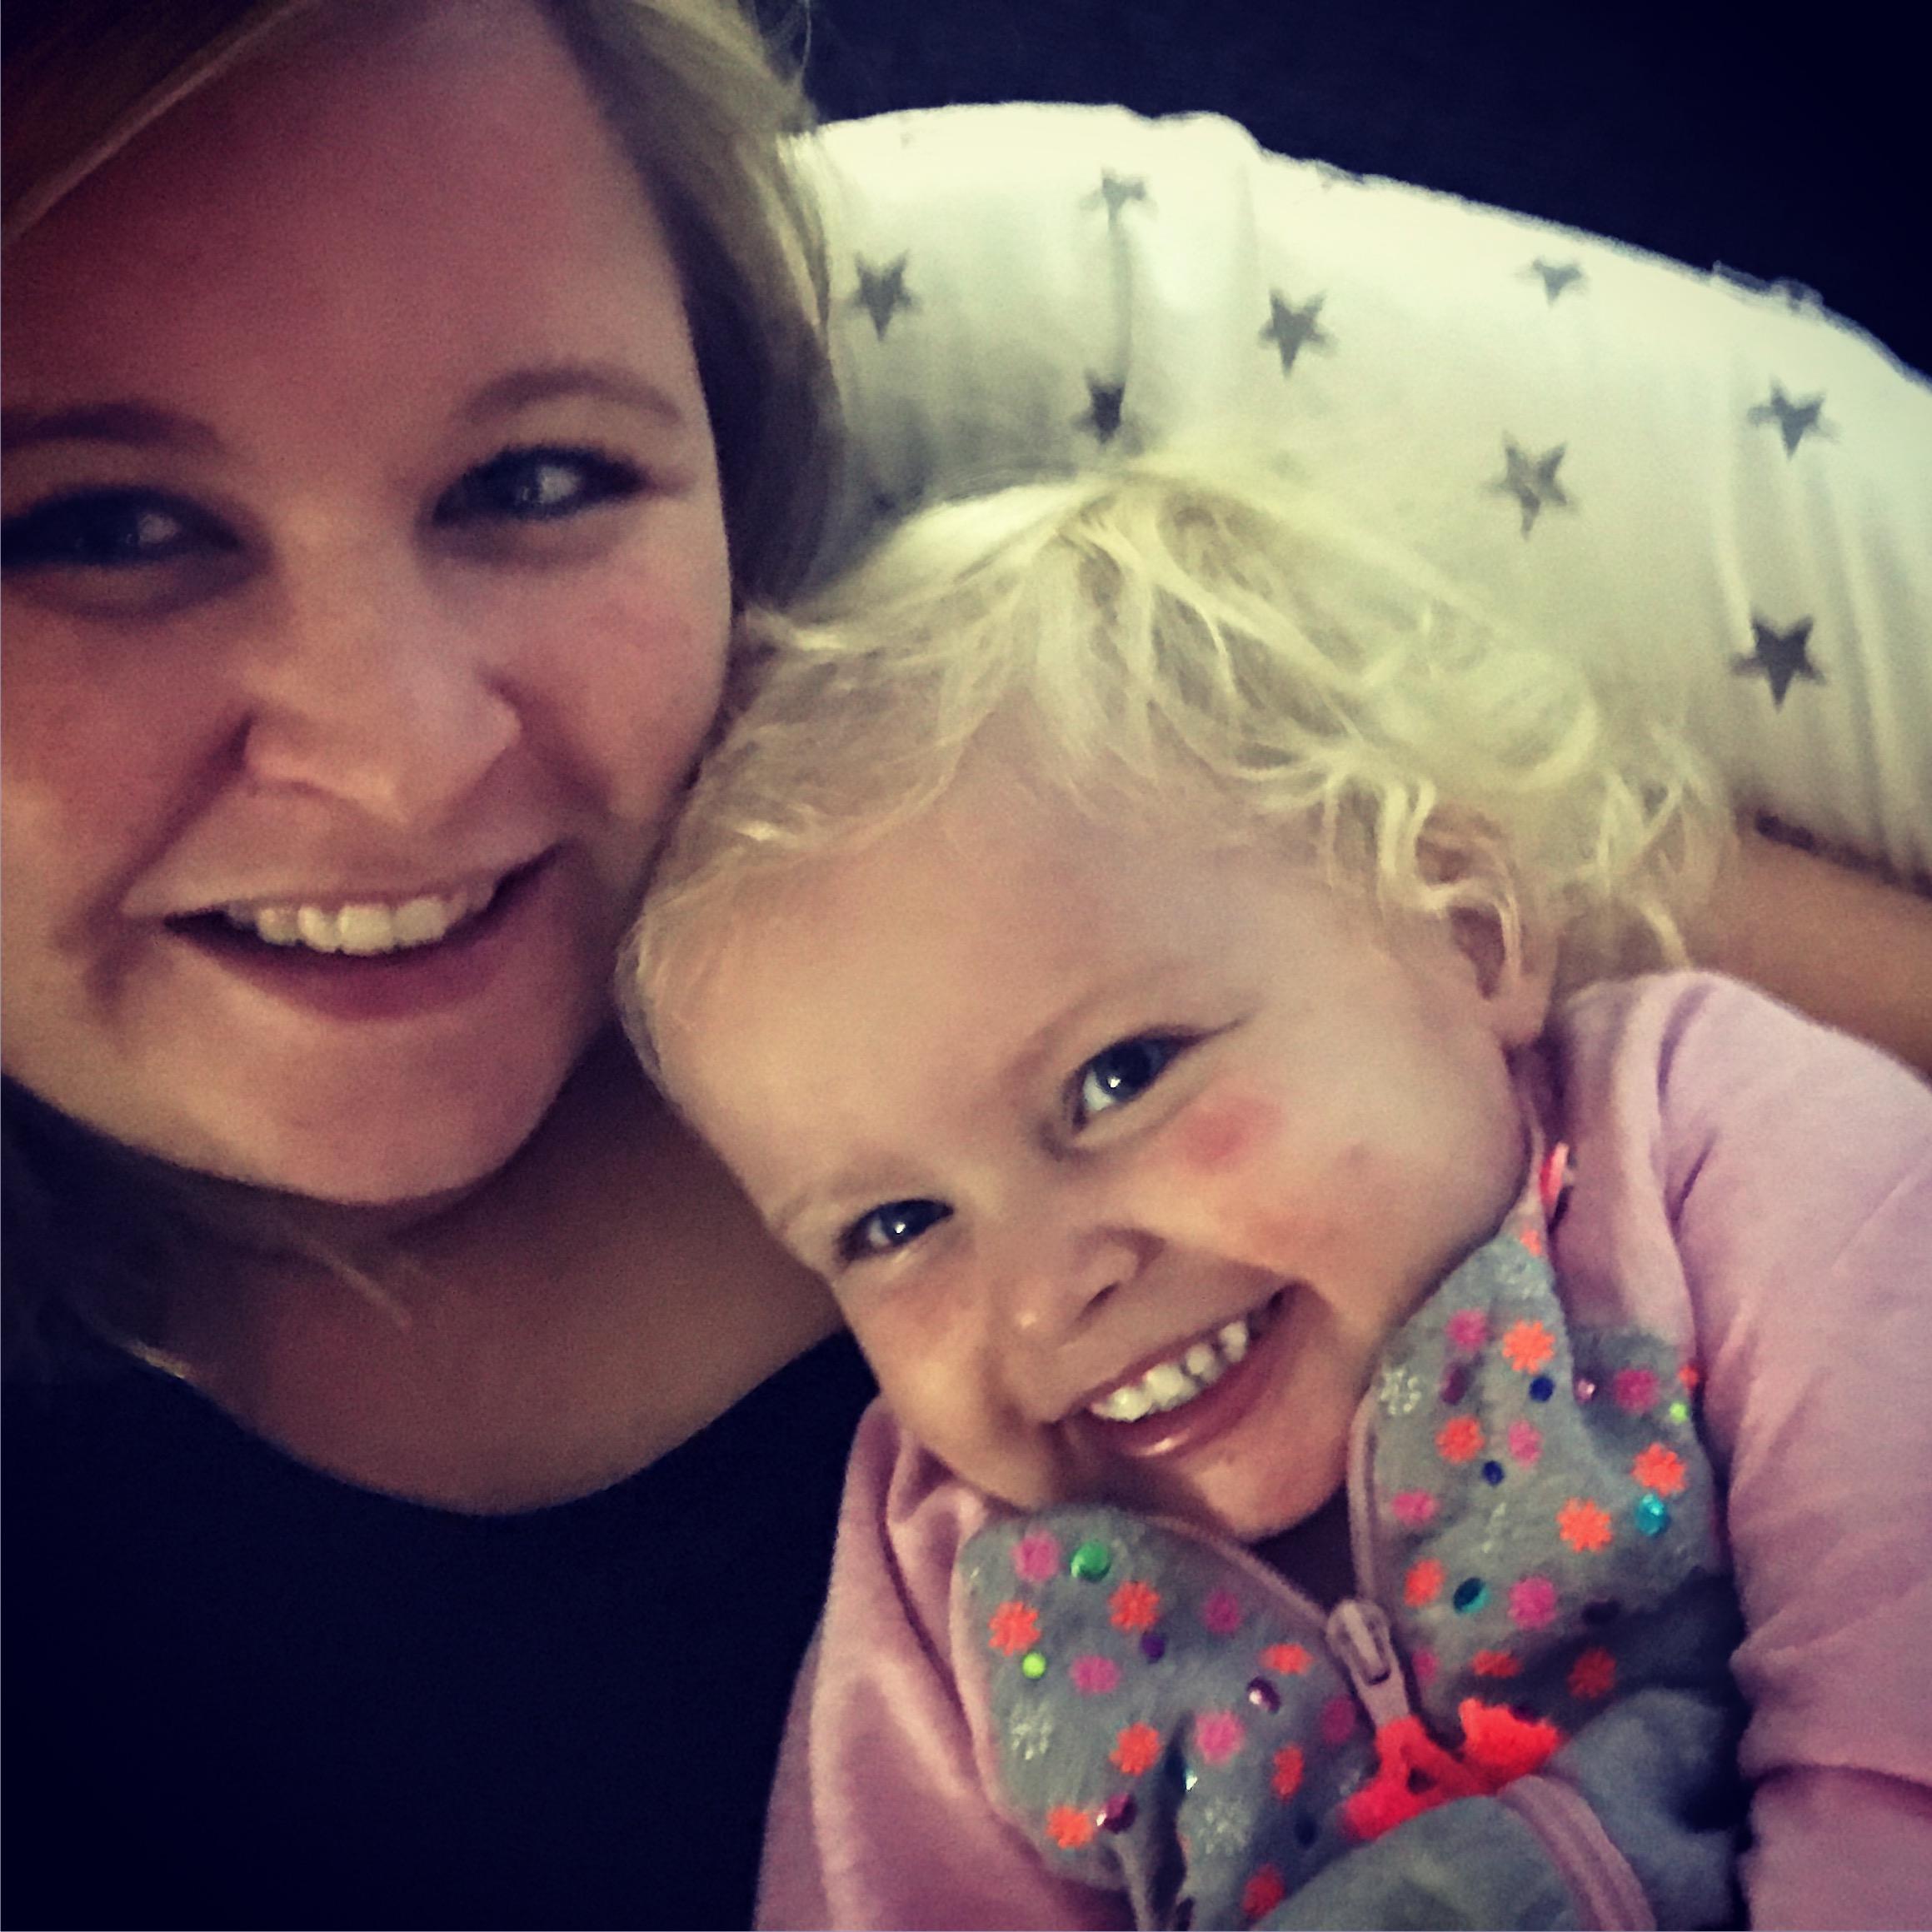 11-16-voedingskussen-hobea-goede-dikke-zwangerschapskussen-zwangerschap-borstvoeding-voeden-knoopje-baby-zitje-nanny-moeder-amsterdam-diemen-samen-moeder-dochter